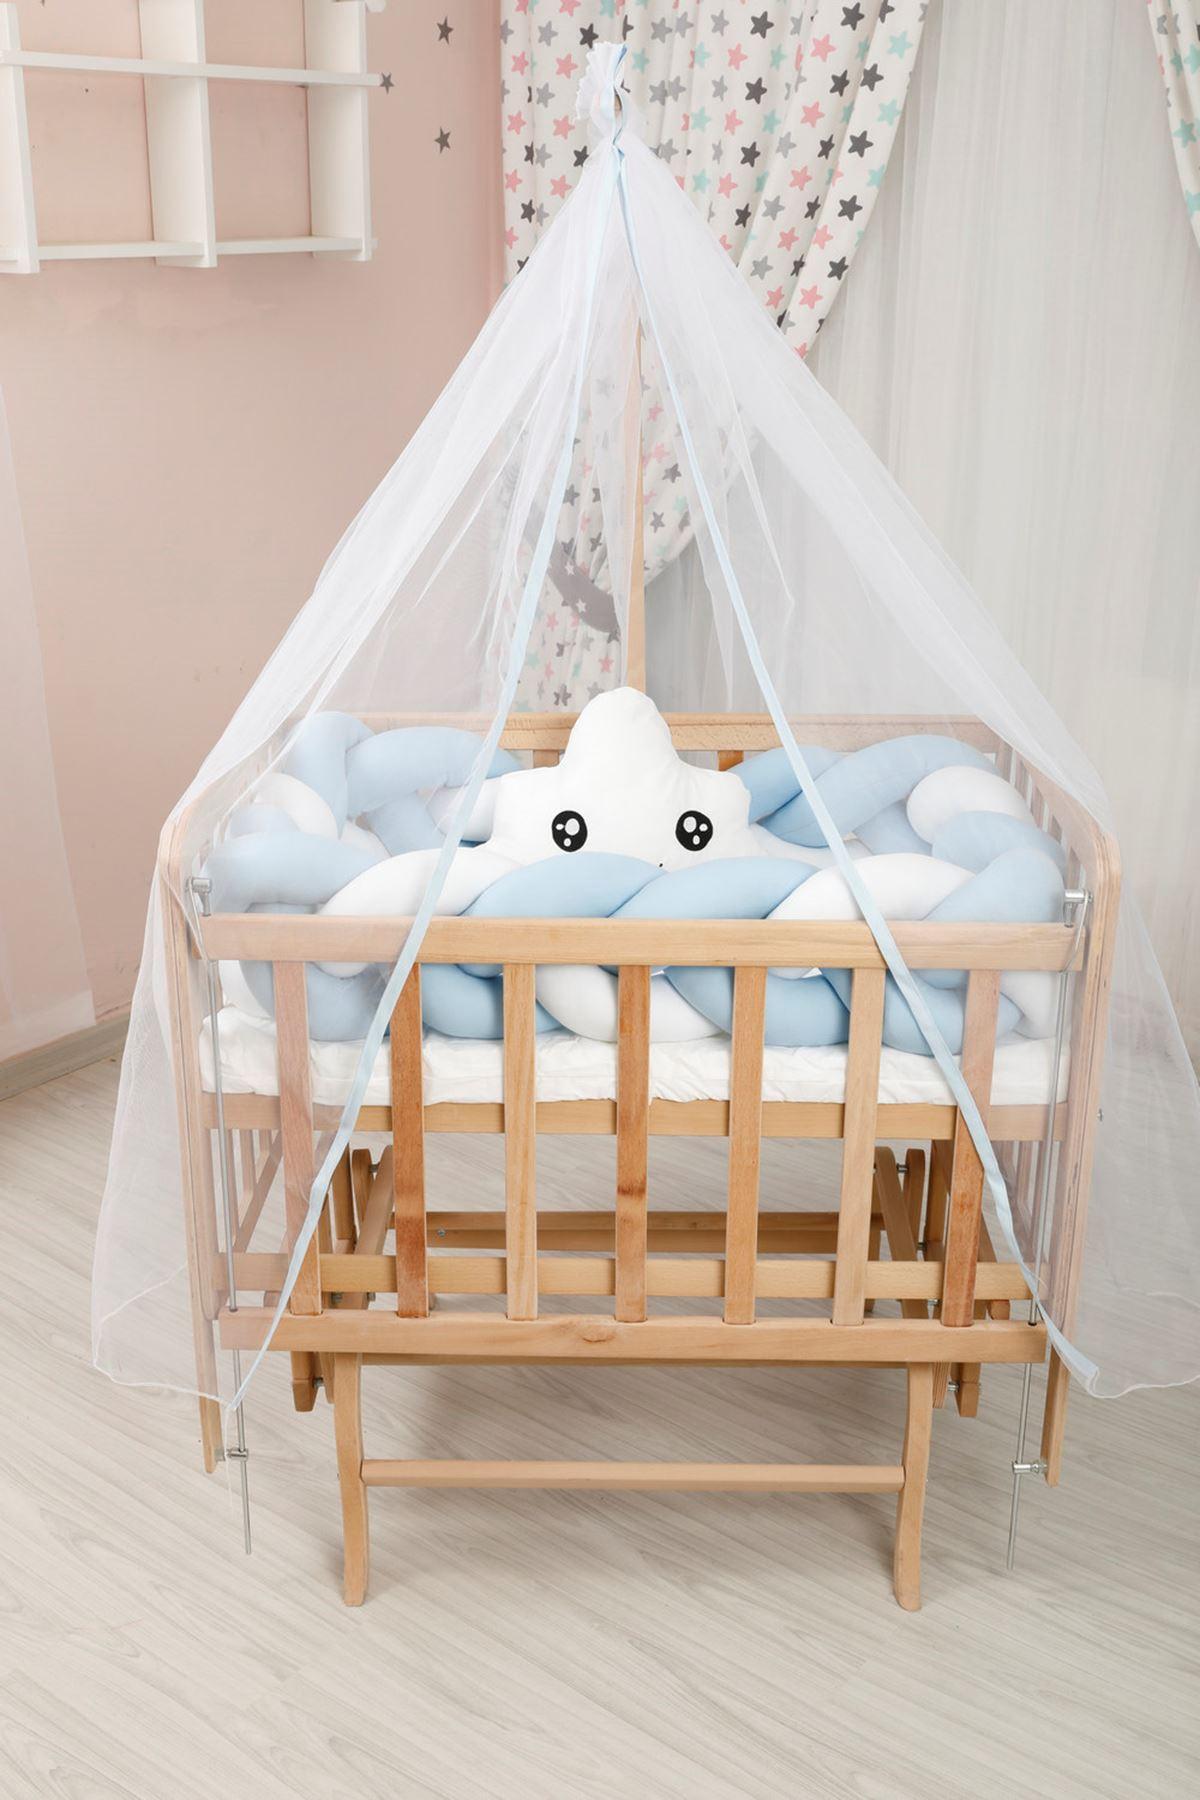 سرير خشب مستطيل صغير قماش نجم فضي